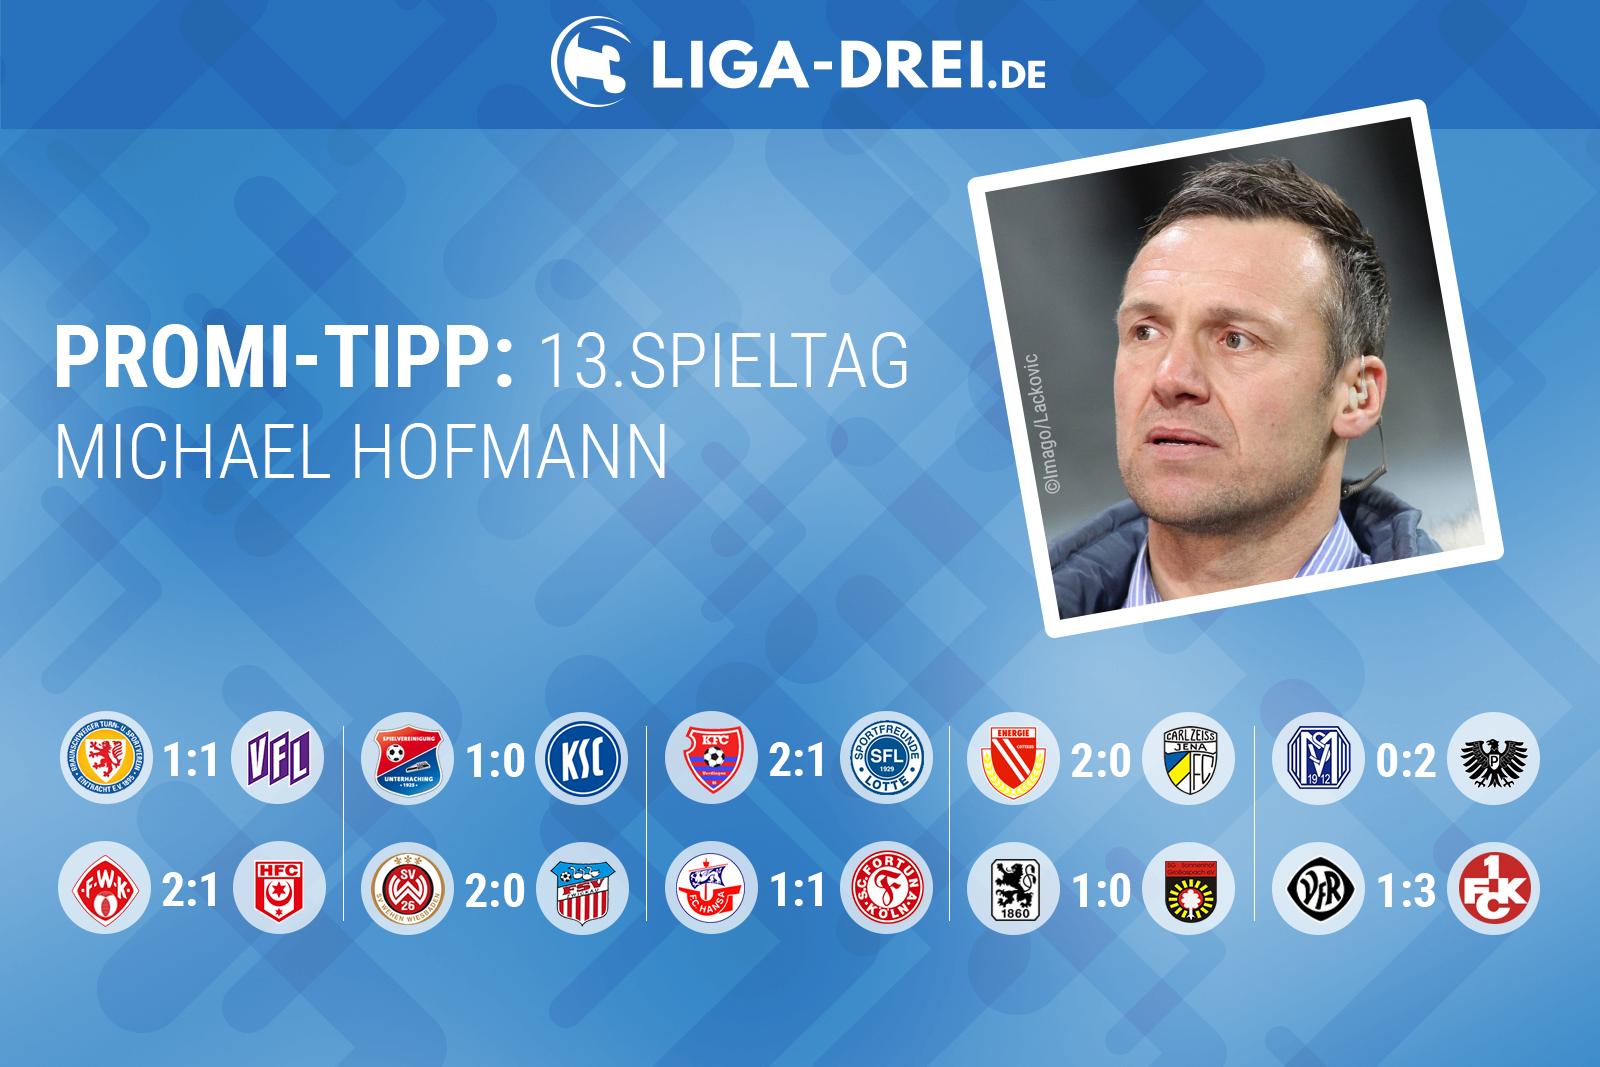 Michael Hofmann beim Liga-Drei.de Promi-Tipp 2018/19